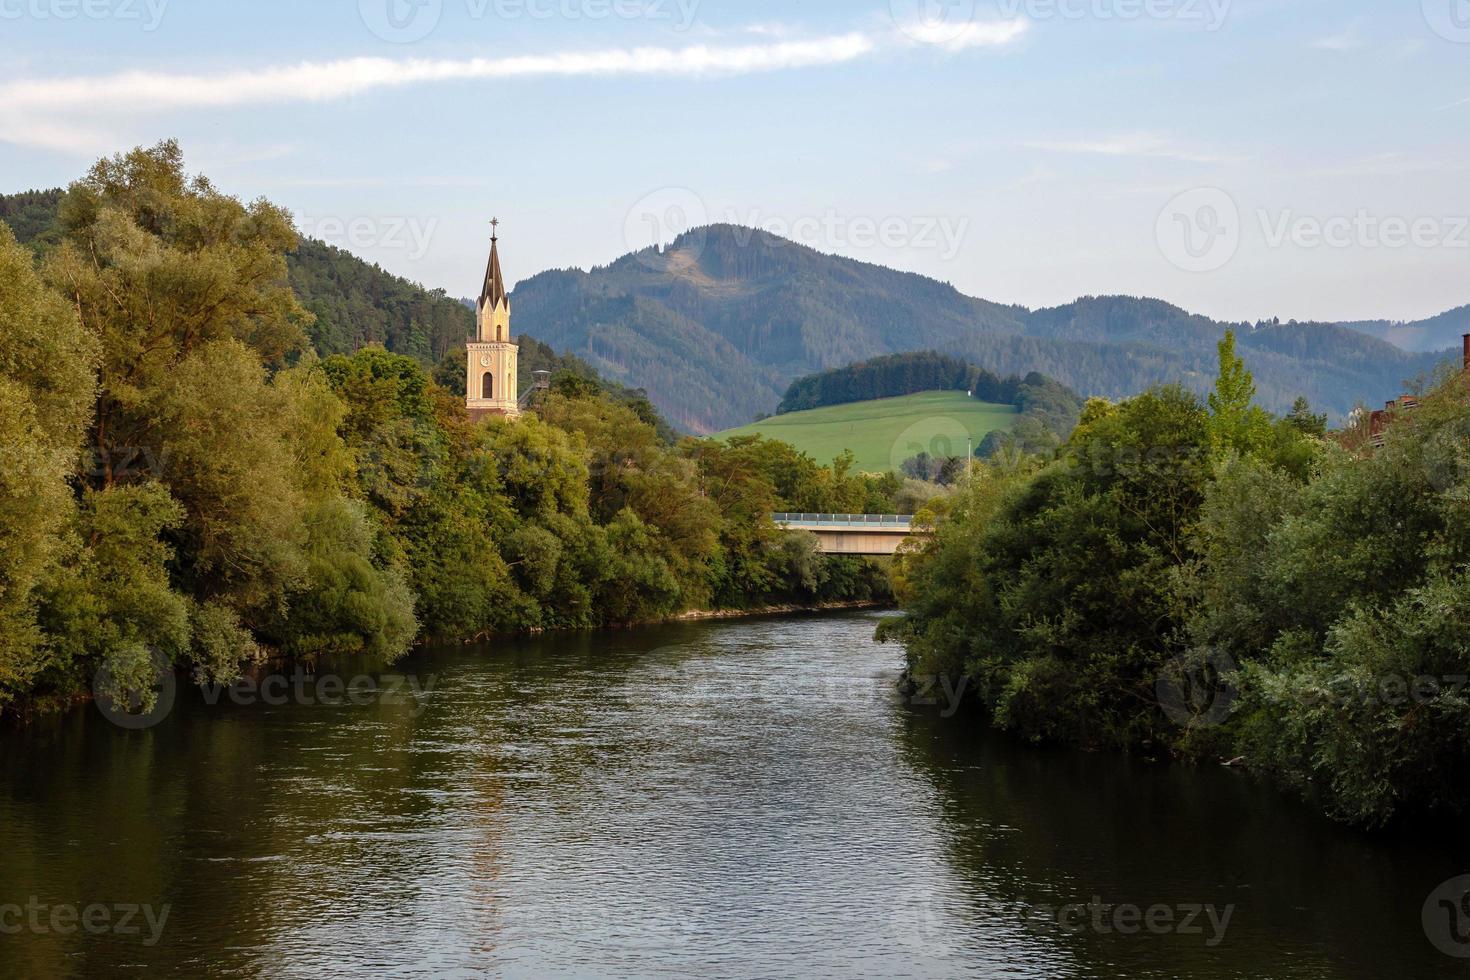 Vue sur la rivière mur avec église à Leoben, Autriche photo